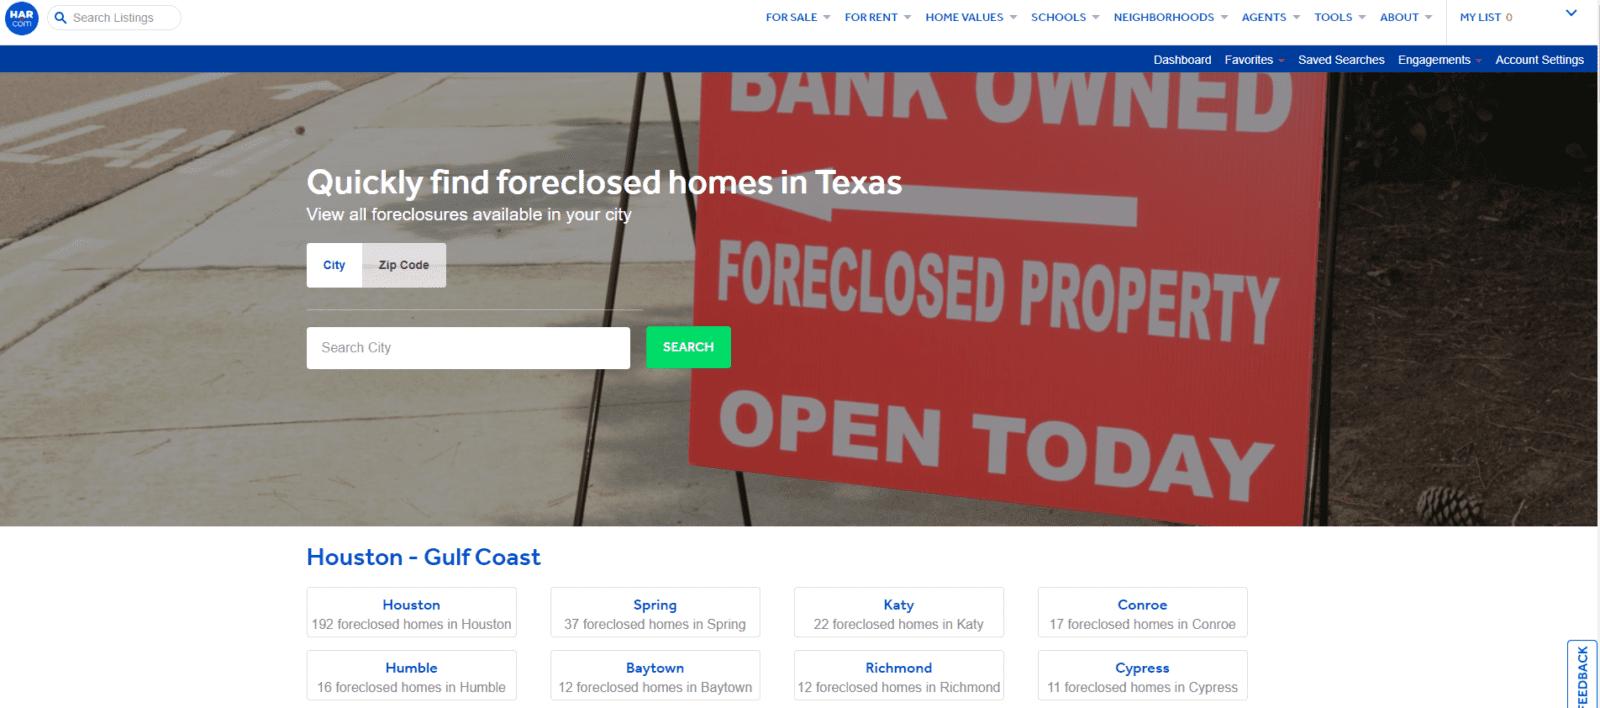 Foreclosure screenshot from Har.com website